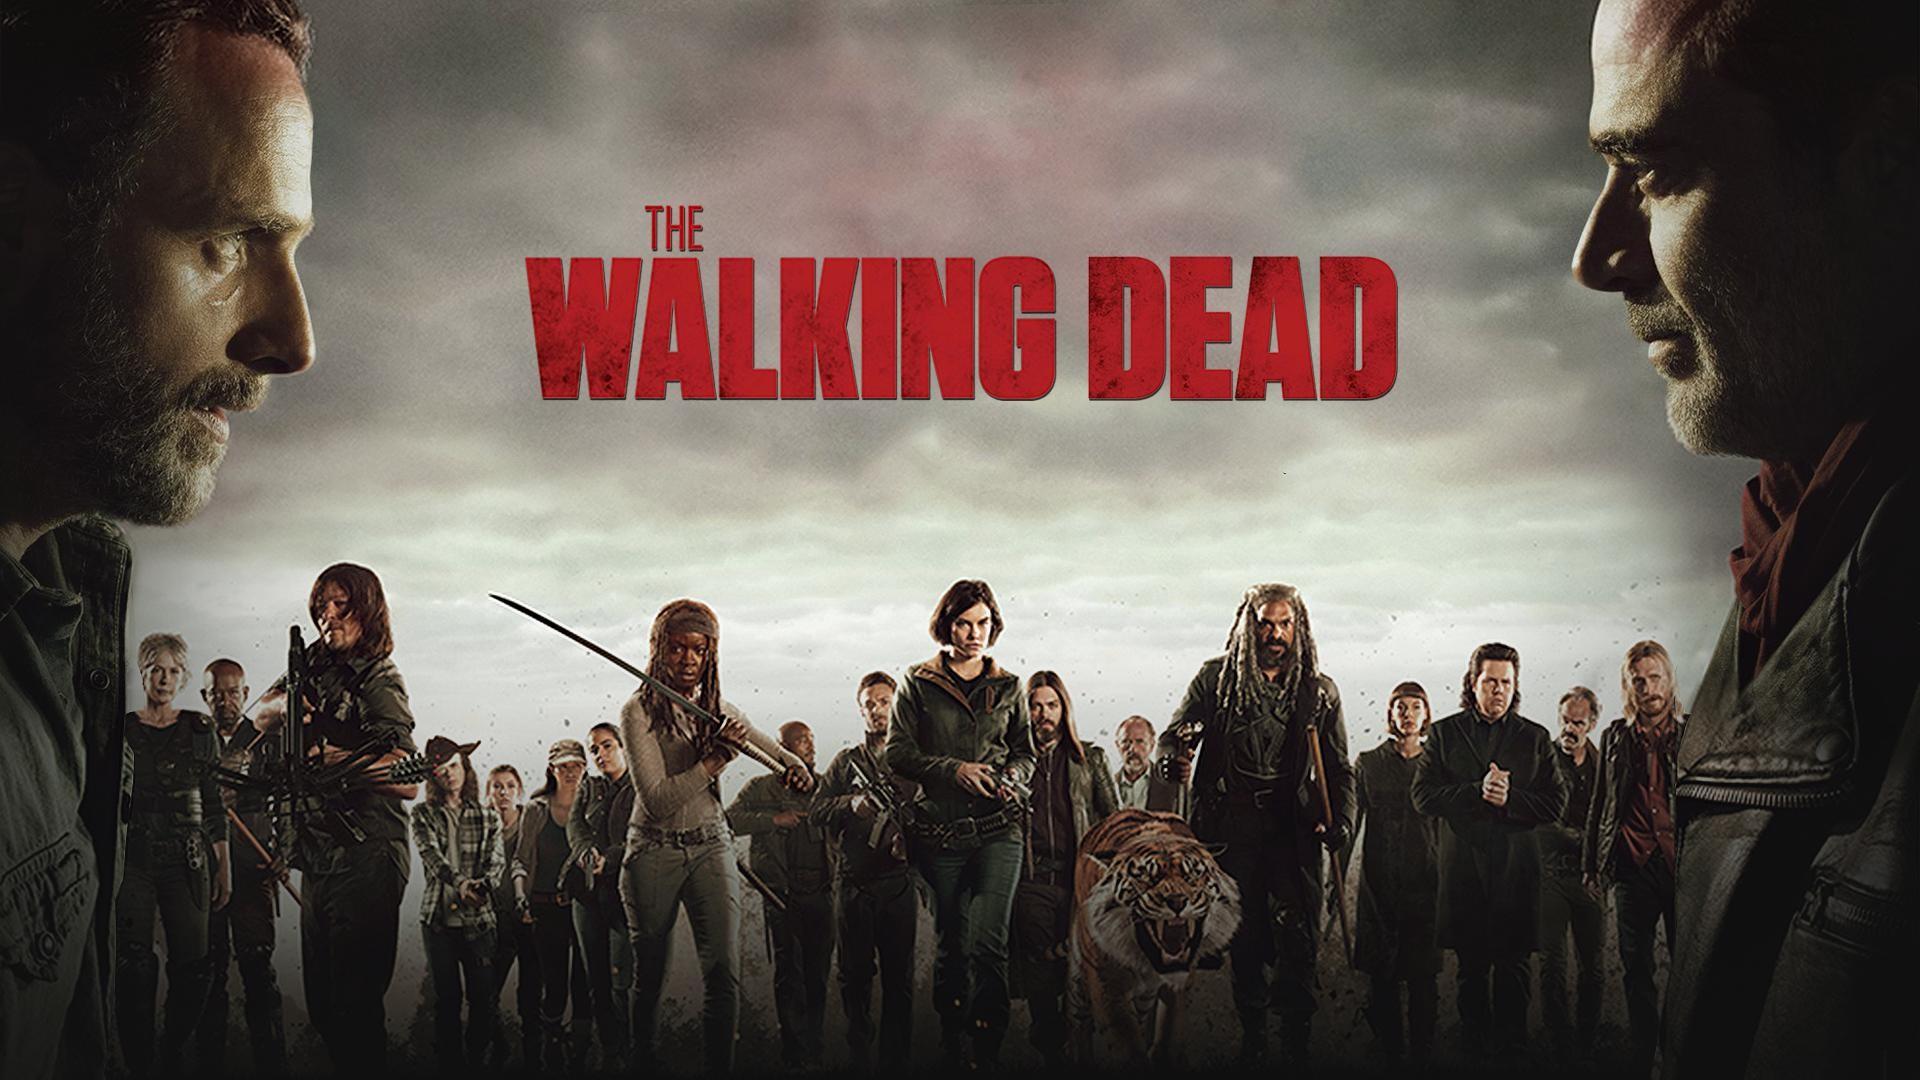 Walking Dead Season 6 Wallpaper 53 Images